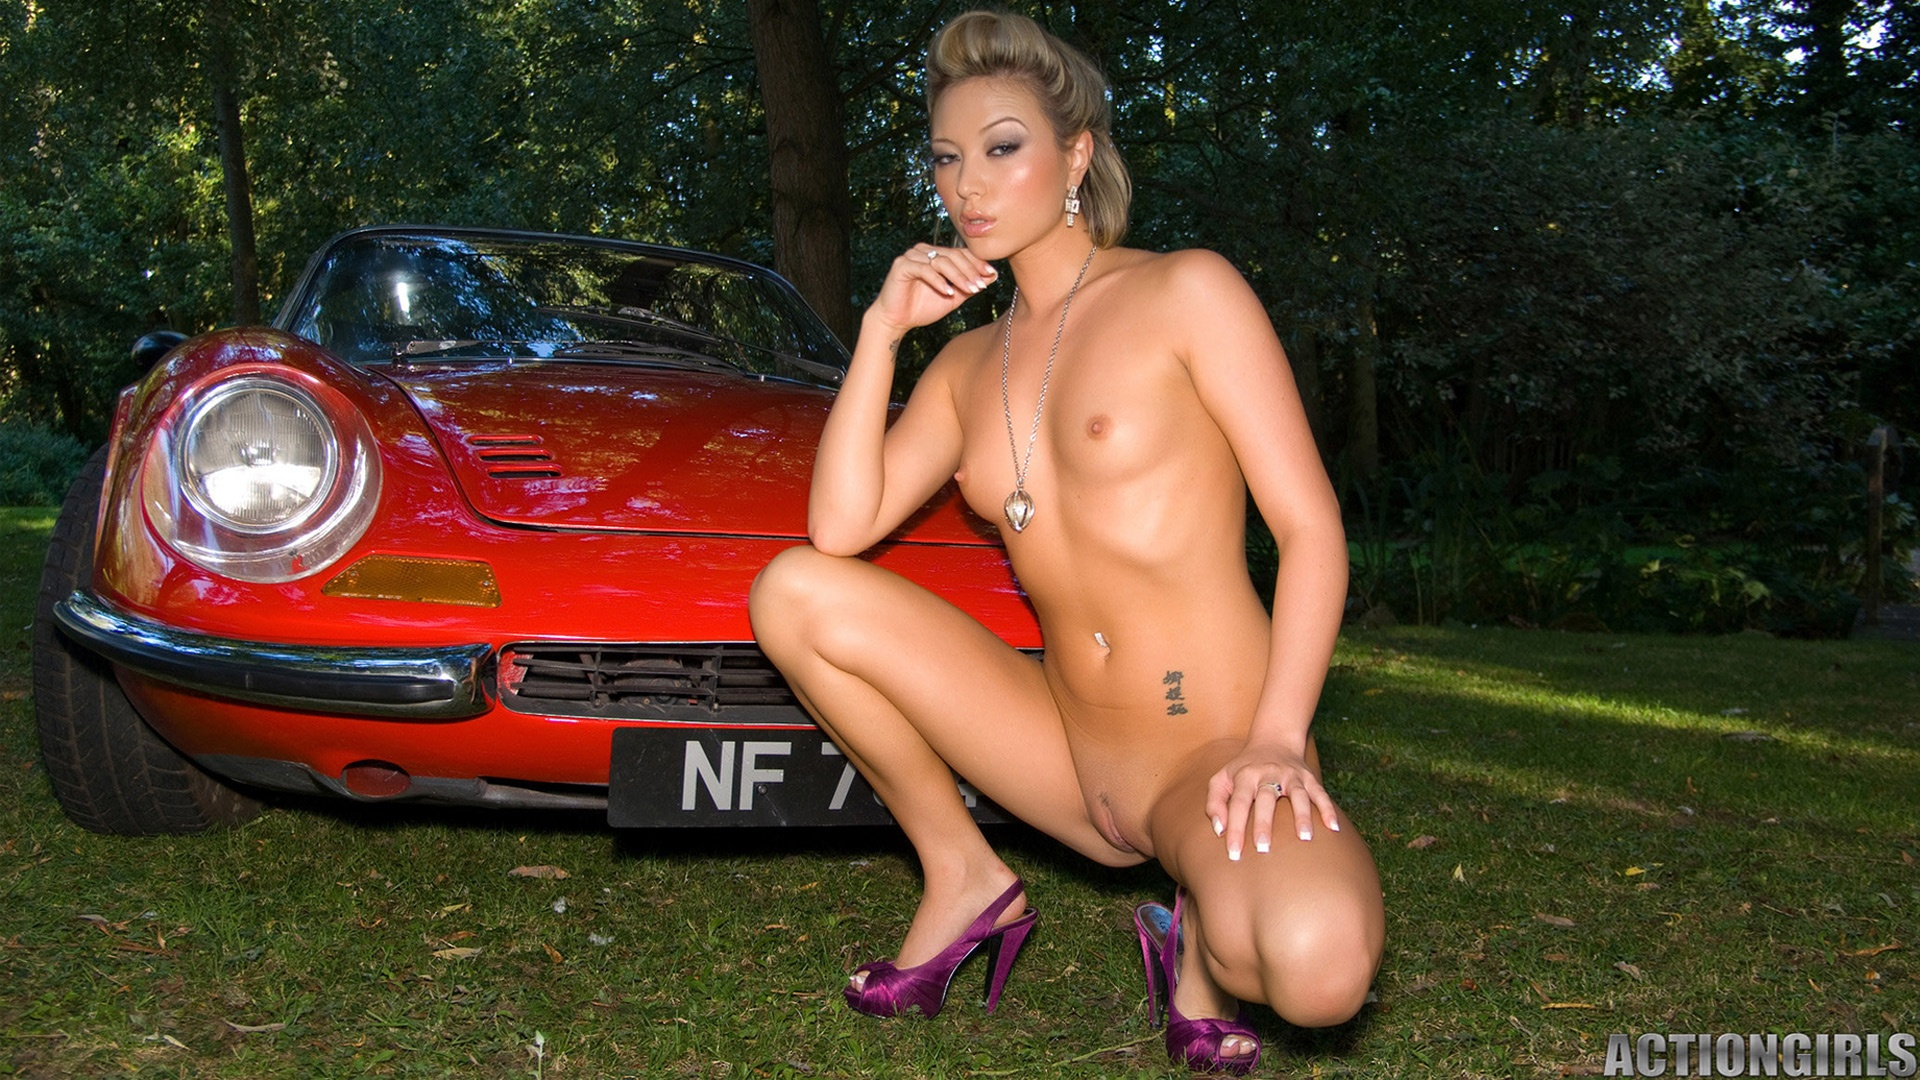 hot teacher upskirt nude